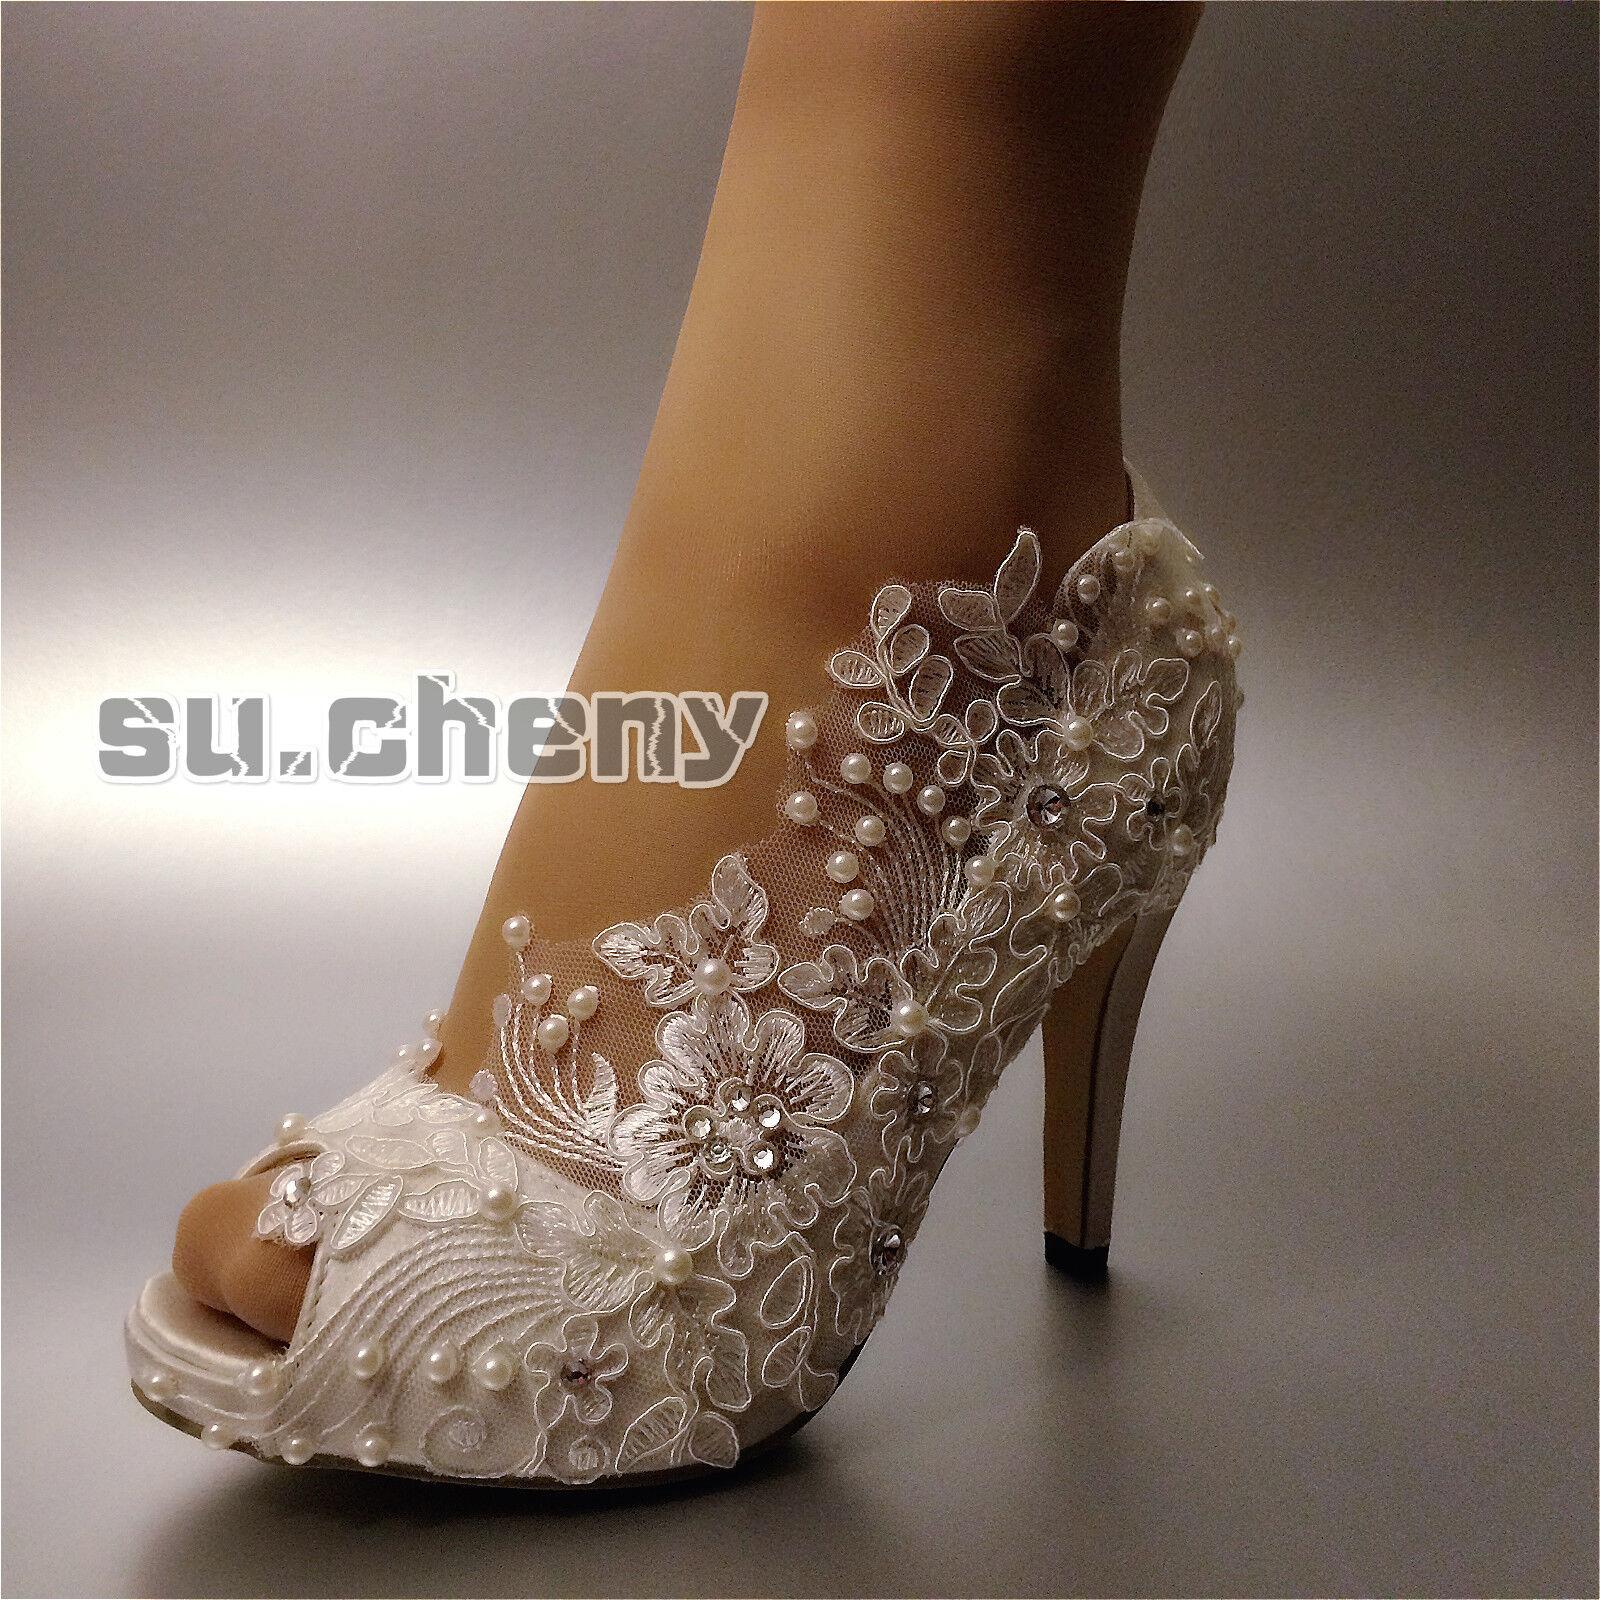 su.cheny Heels satin white ivory lace Gypsophila open toe Wedding Bridal shoes